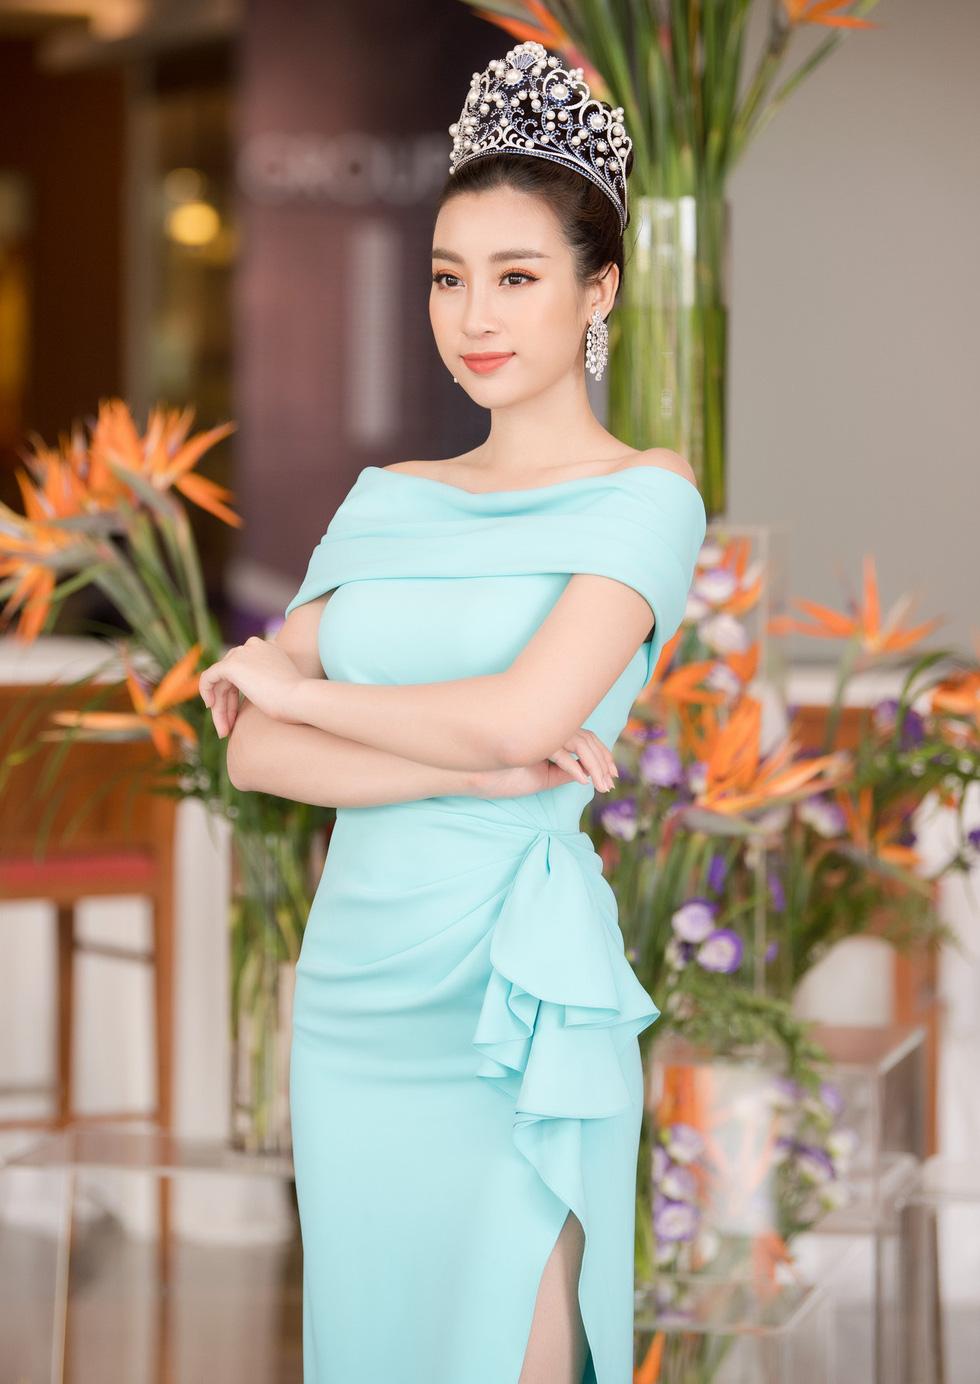 Thí sinh Hoa hậu Việt Nam 2018 sẽ phải bán vé số, cào nghêu - Ảnh 1.